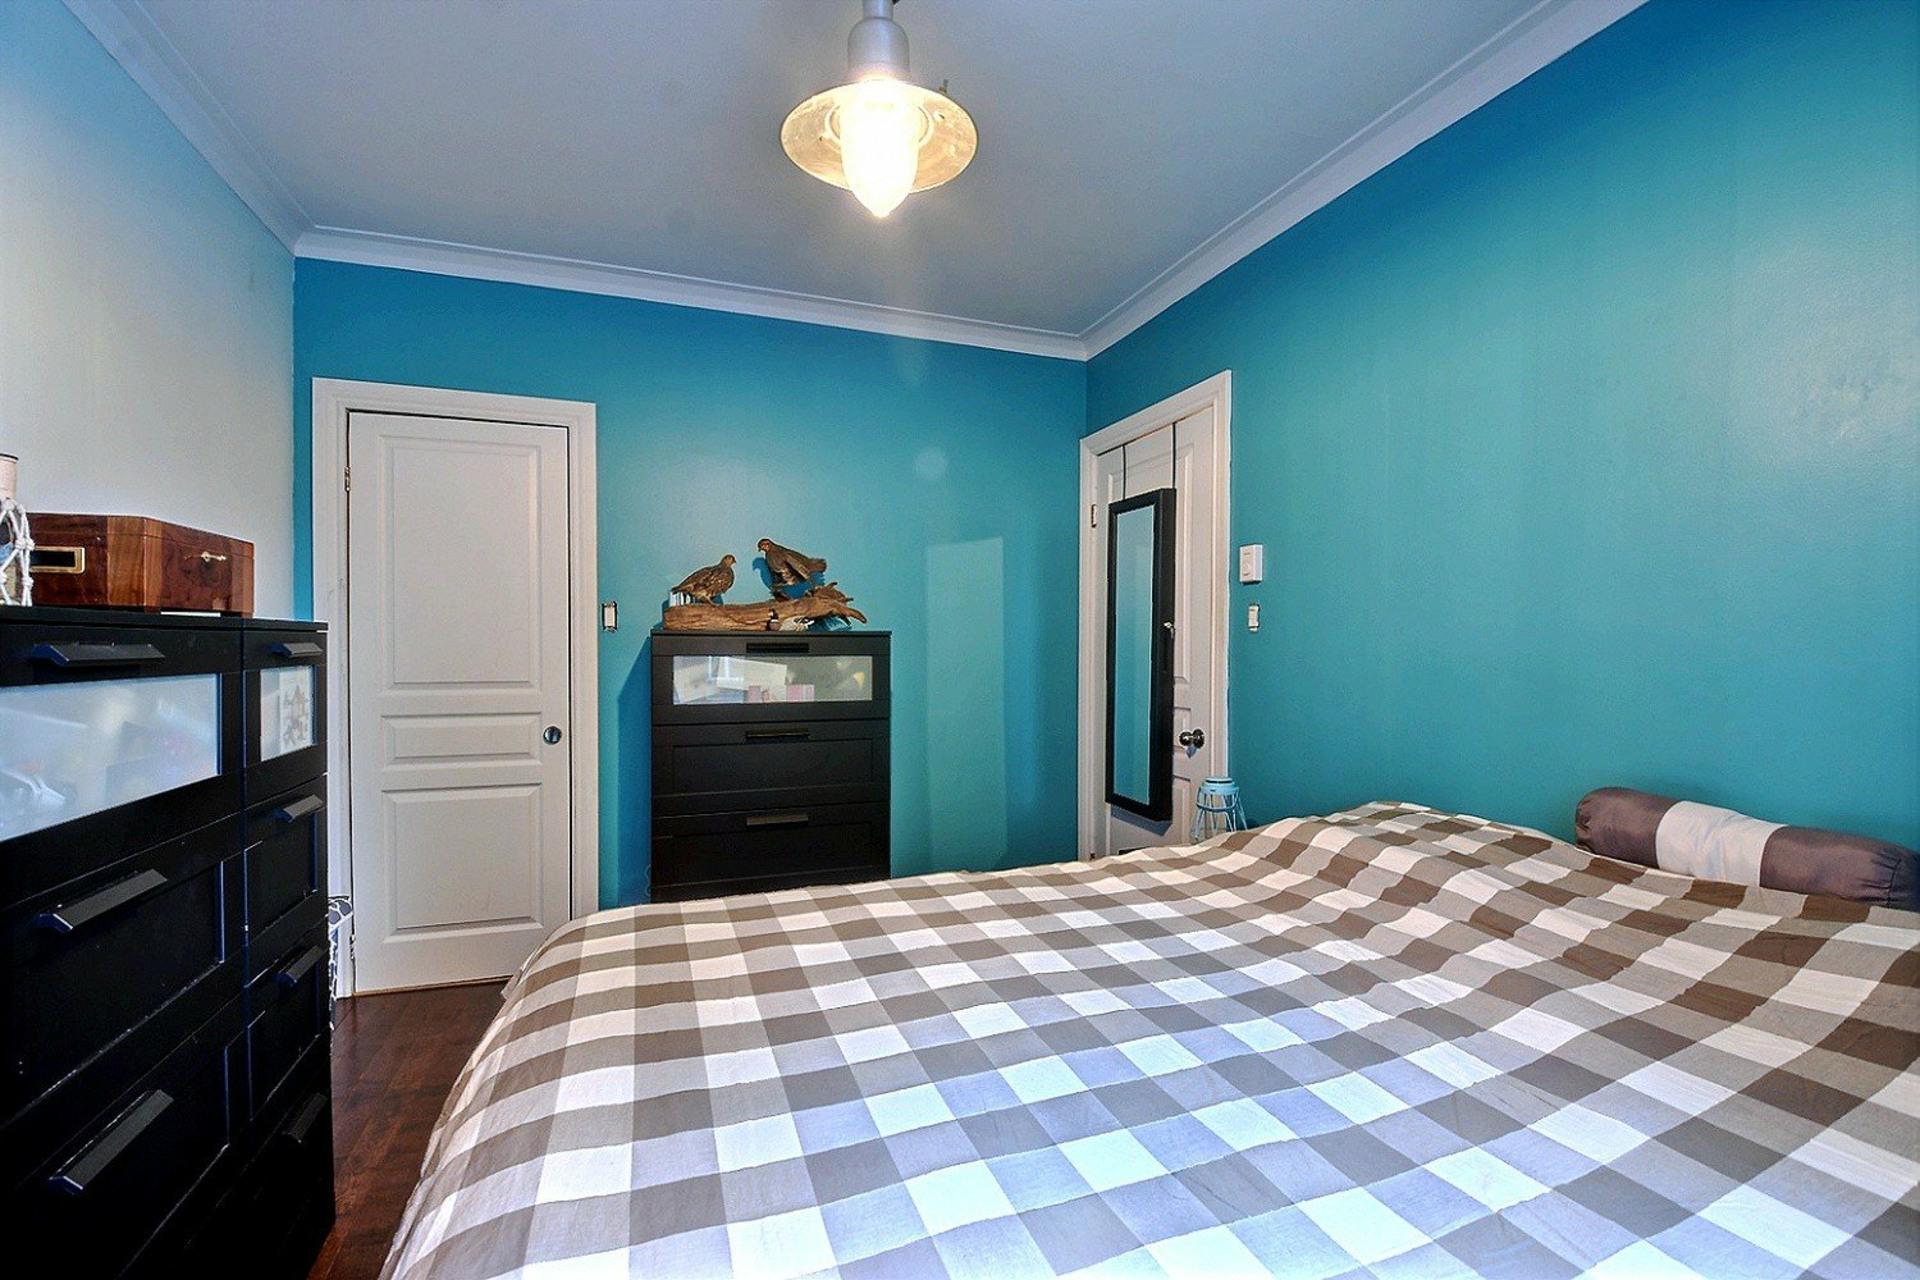 image 9 - Duplex For sale Lachine Montréal  - 6 rooms